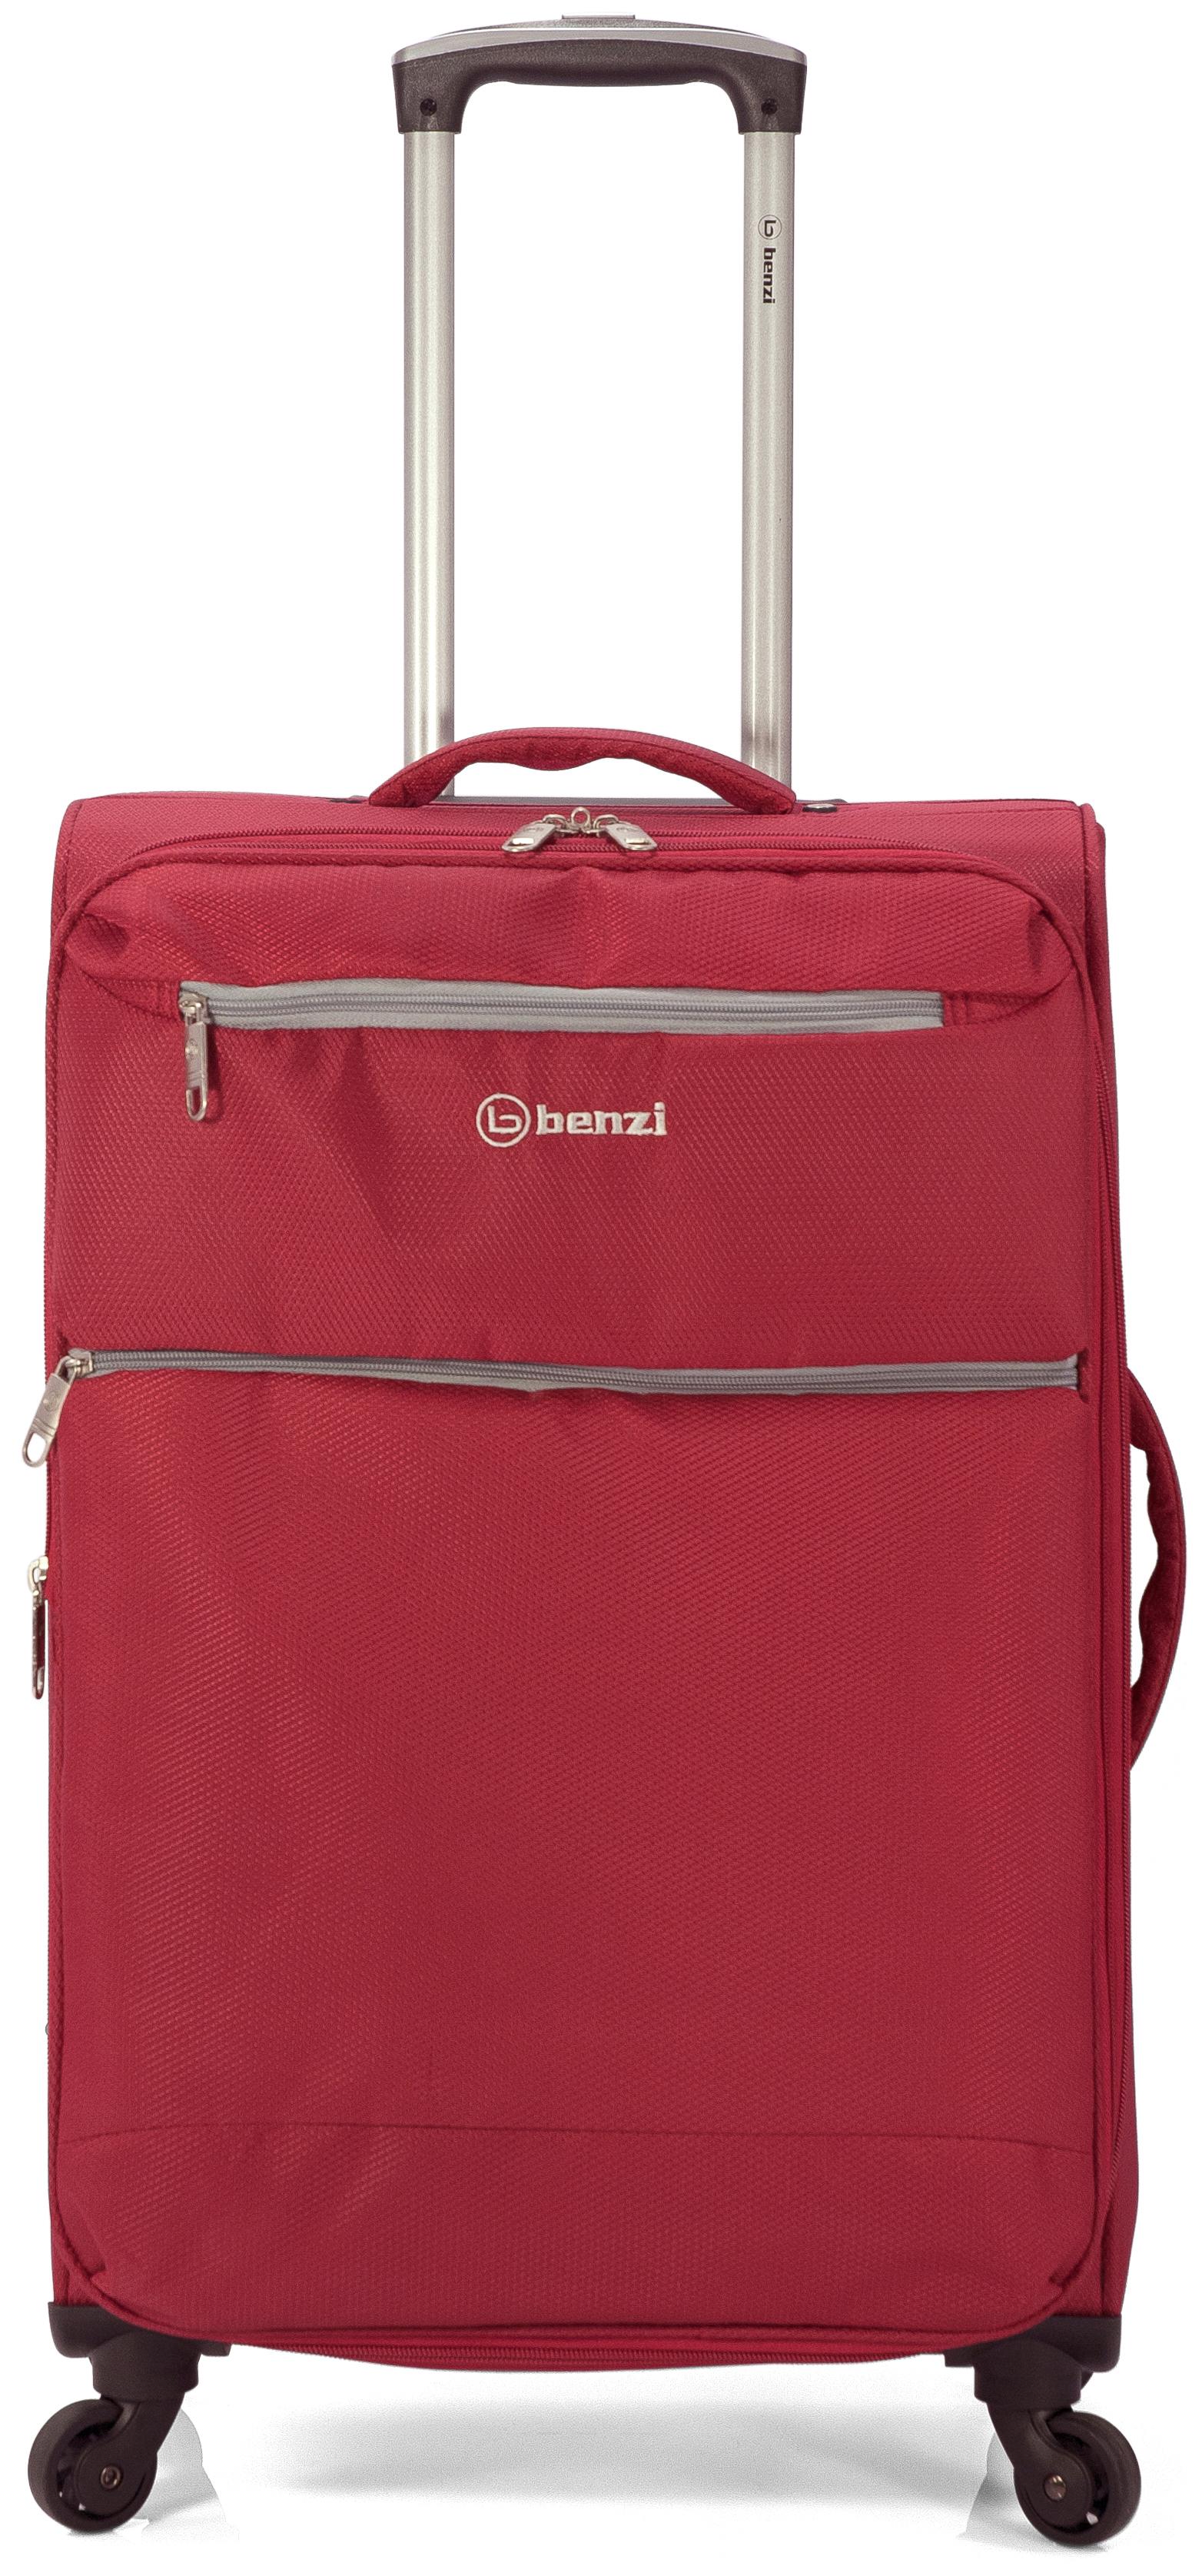 Σετ Βαλίτσες 3τμχ Τρόλευ benzi 4865 Red - benzi - BZ-4865/3-red ειδη οικ  χρησησ βαλίτσες   τσάντες ταξιδίου